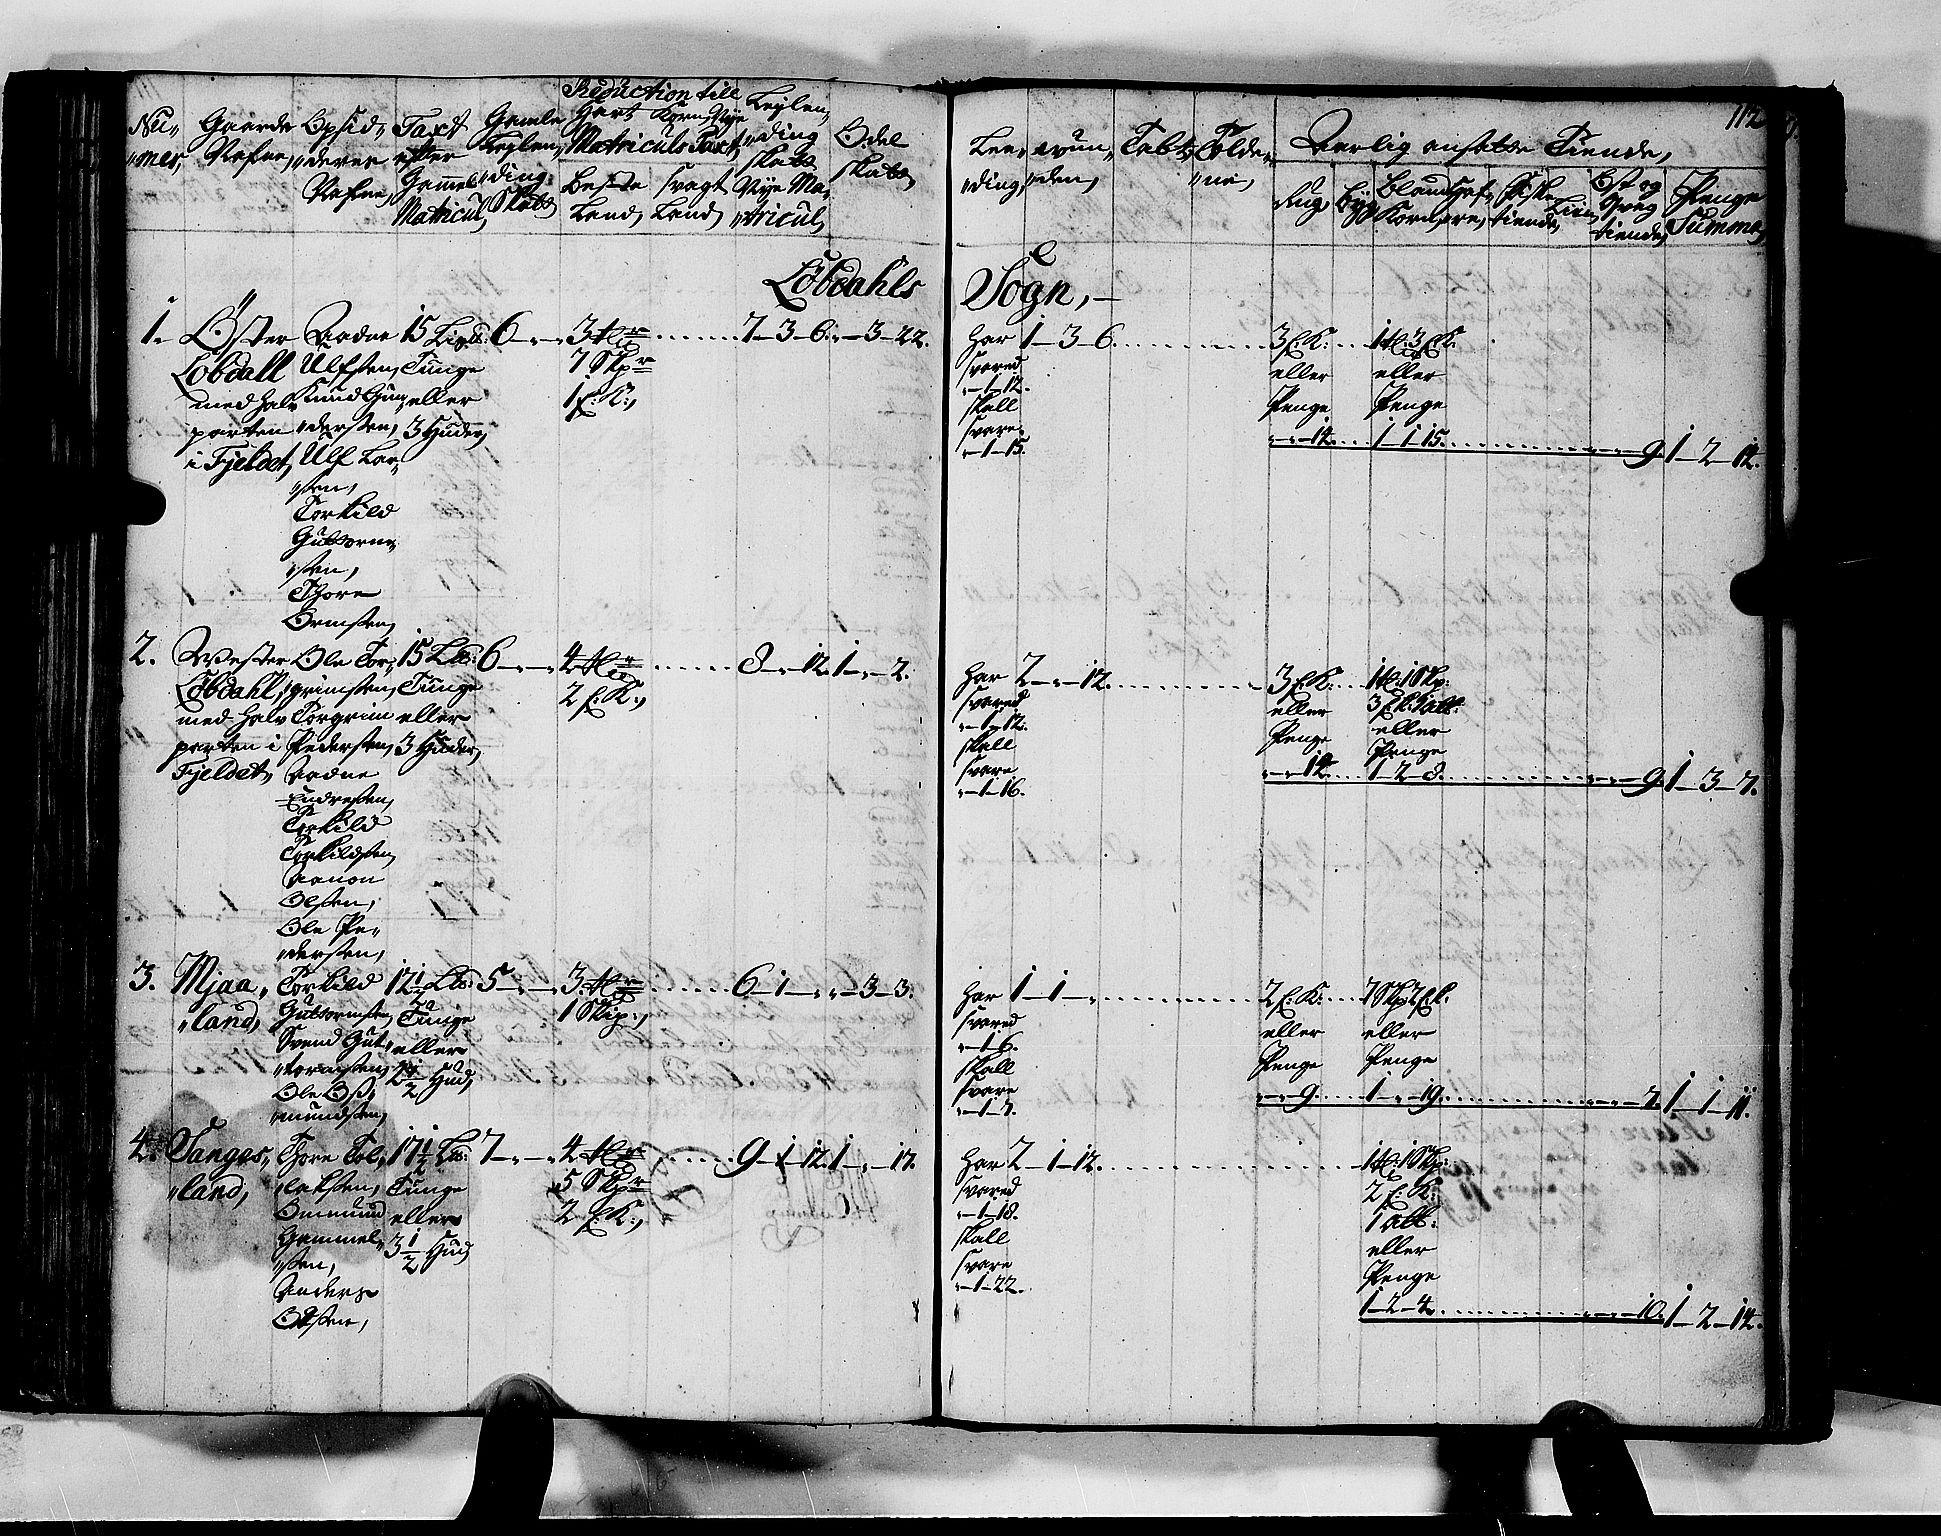 RA, Rentekammeret inntil 1814, Realistisk ordnet avdeling, N/Nb/Nbf/L0128: Mandal matrikkelprotokoll, 1723, s. 111b-112a